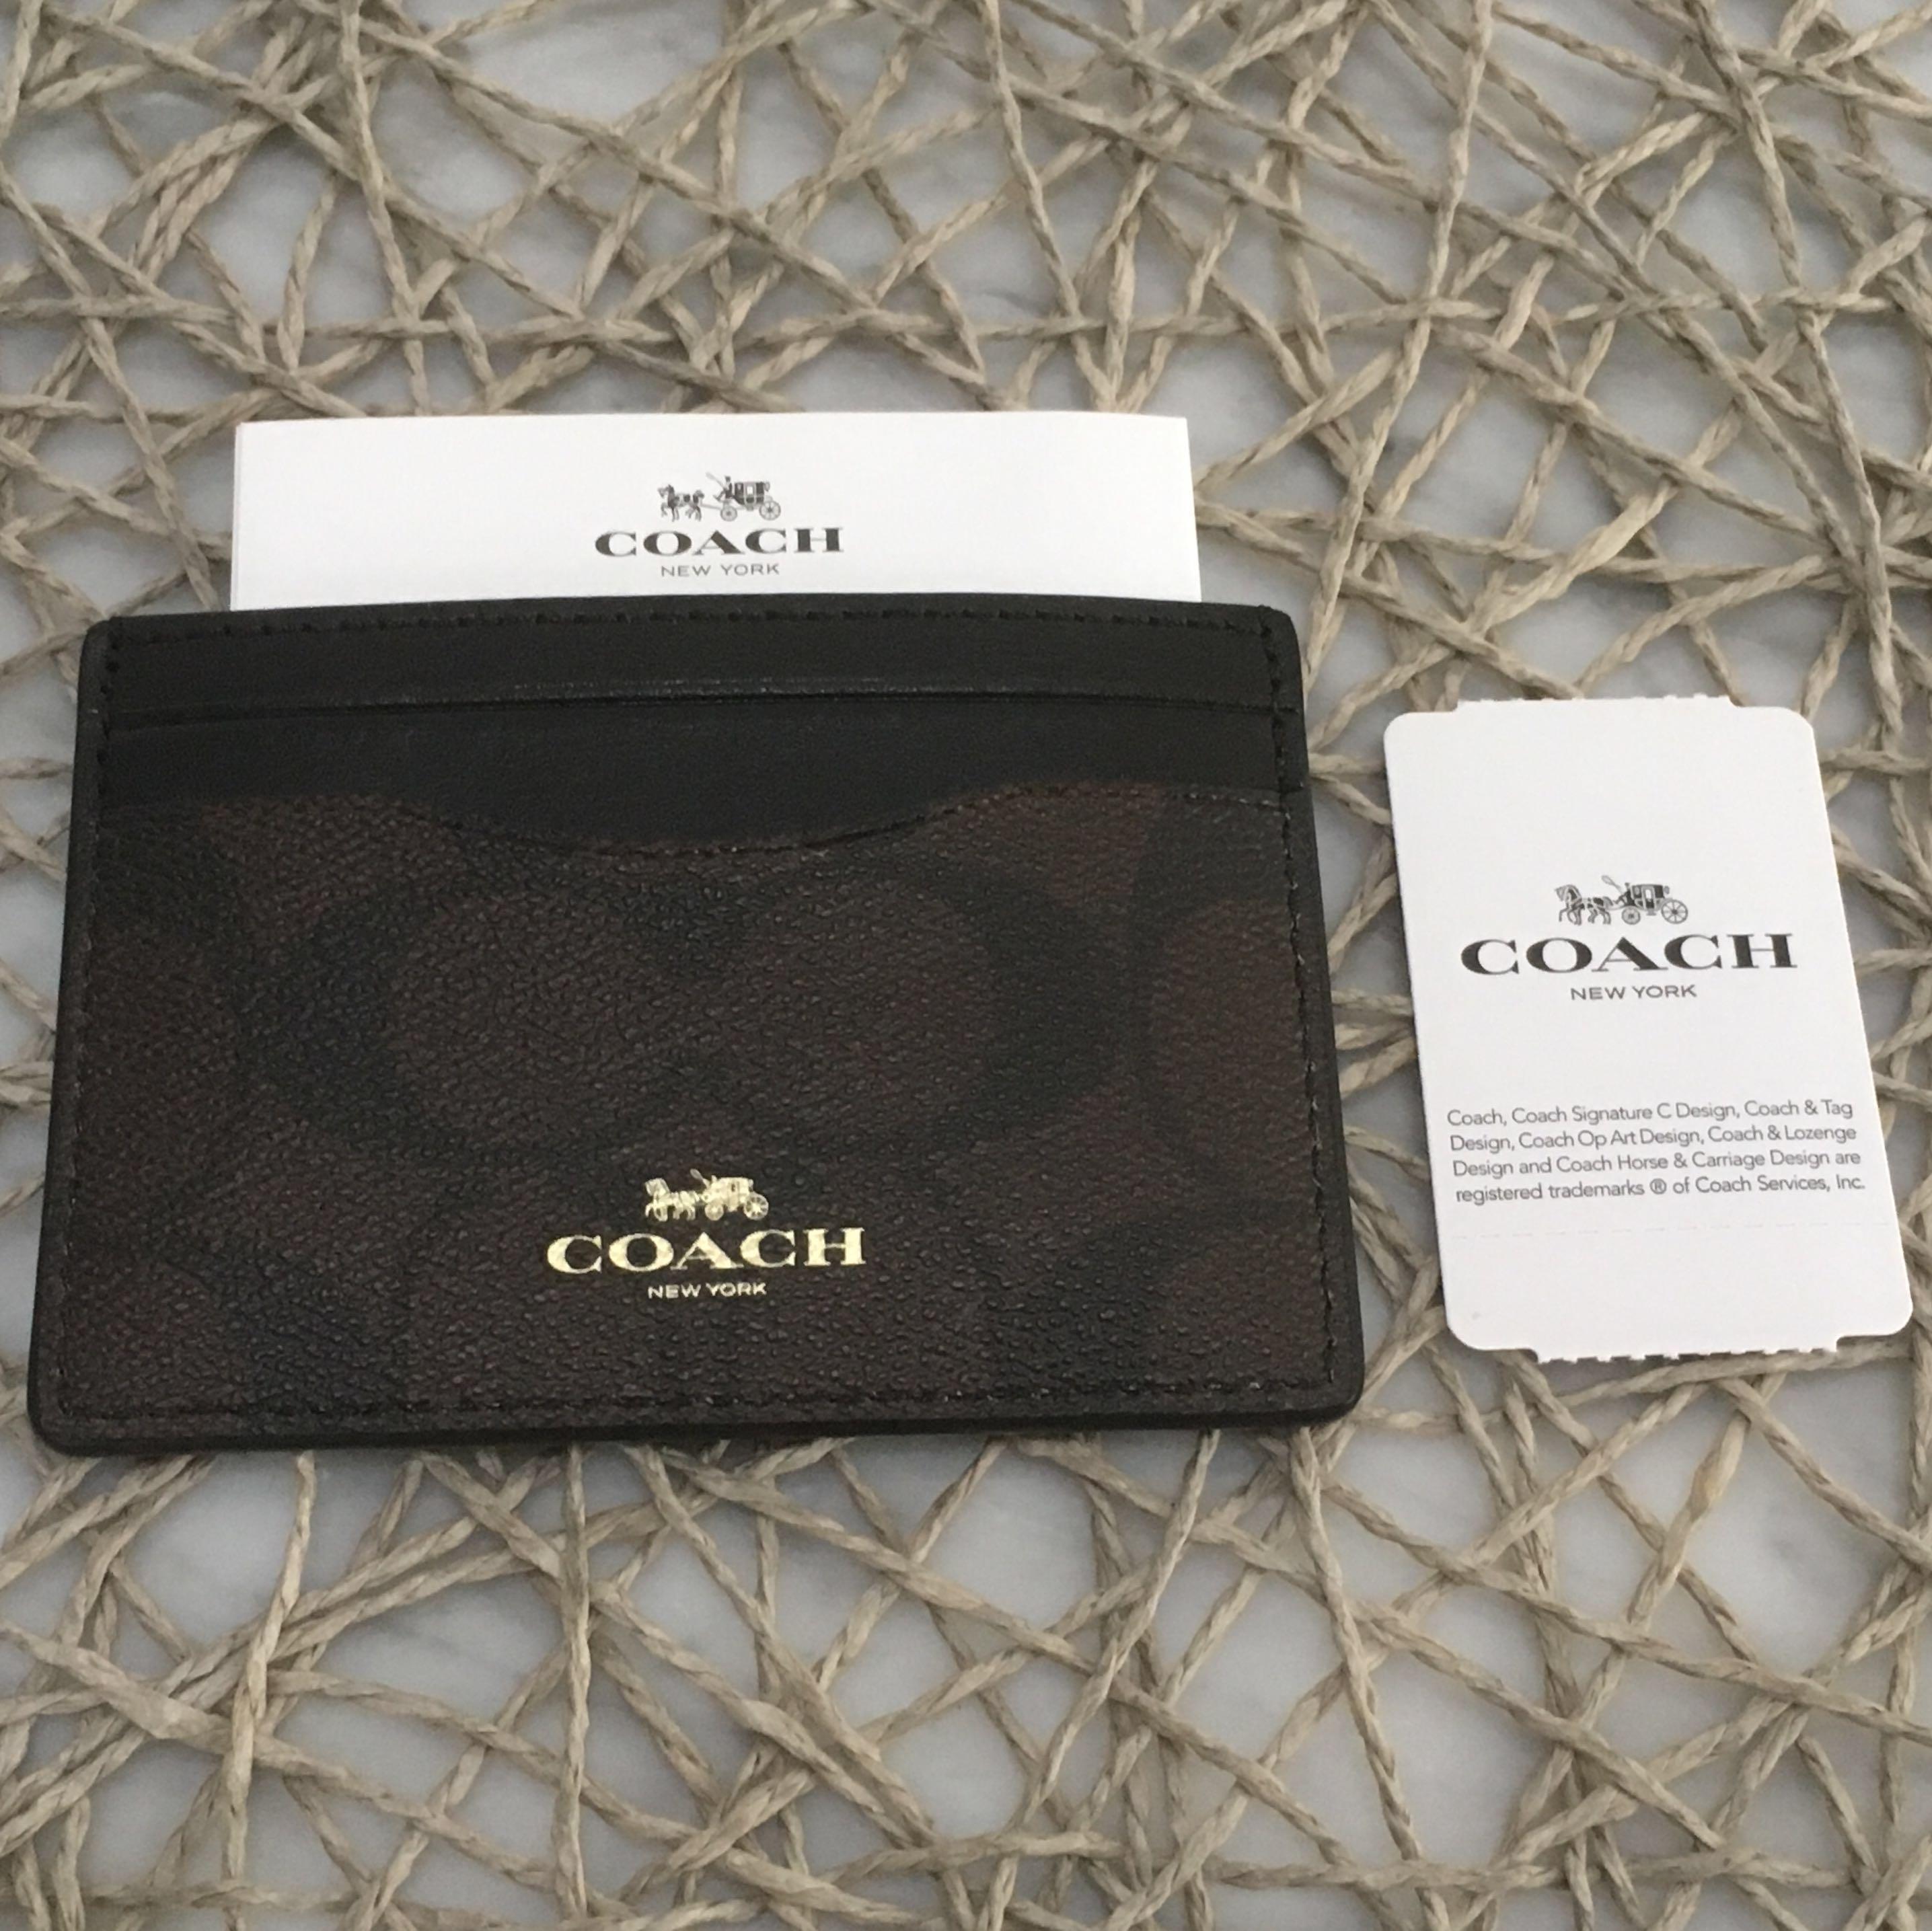 ecf6bce5 BN New Coach Card Holder Case Cardholder Black Dark Brown Canvas ...